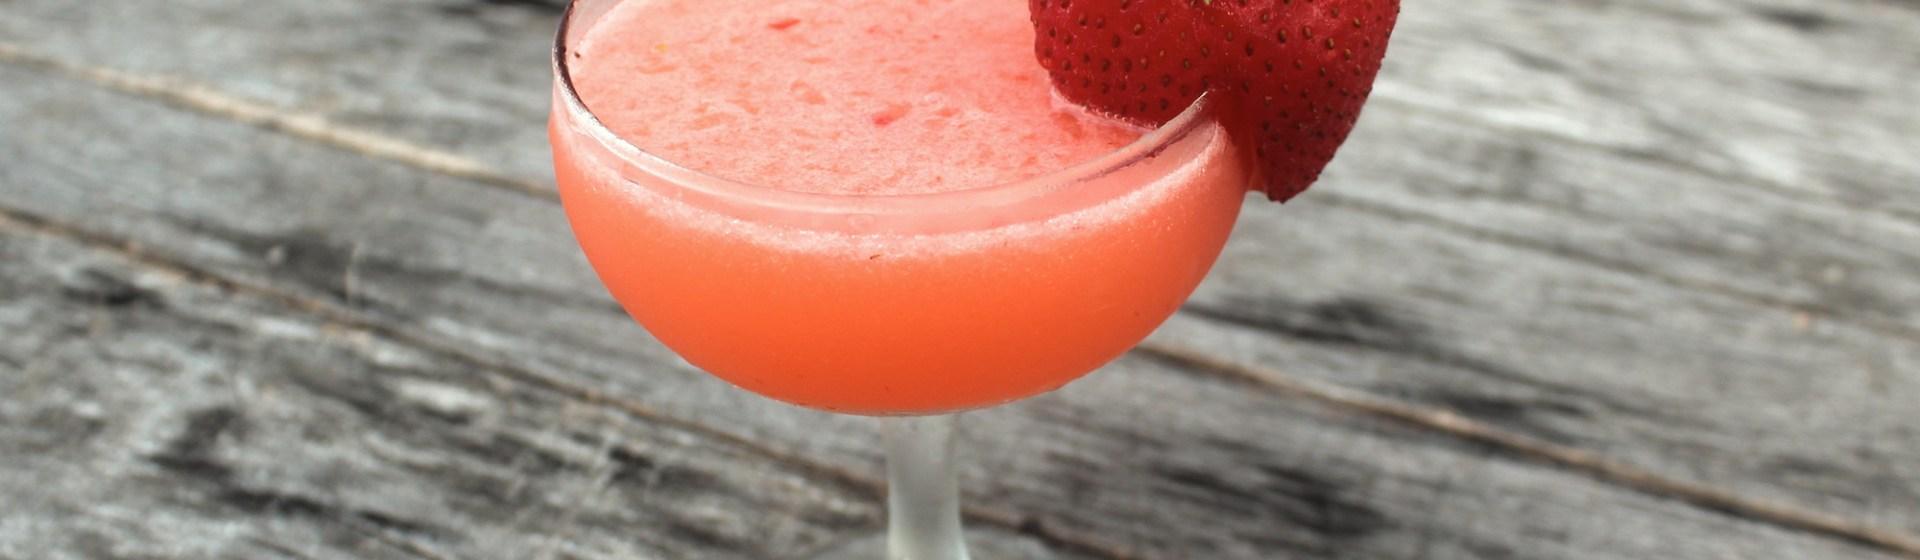 Großartig Strawberry Daiquiri Rezept Referenz Von Article Featured Image